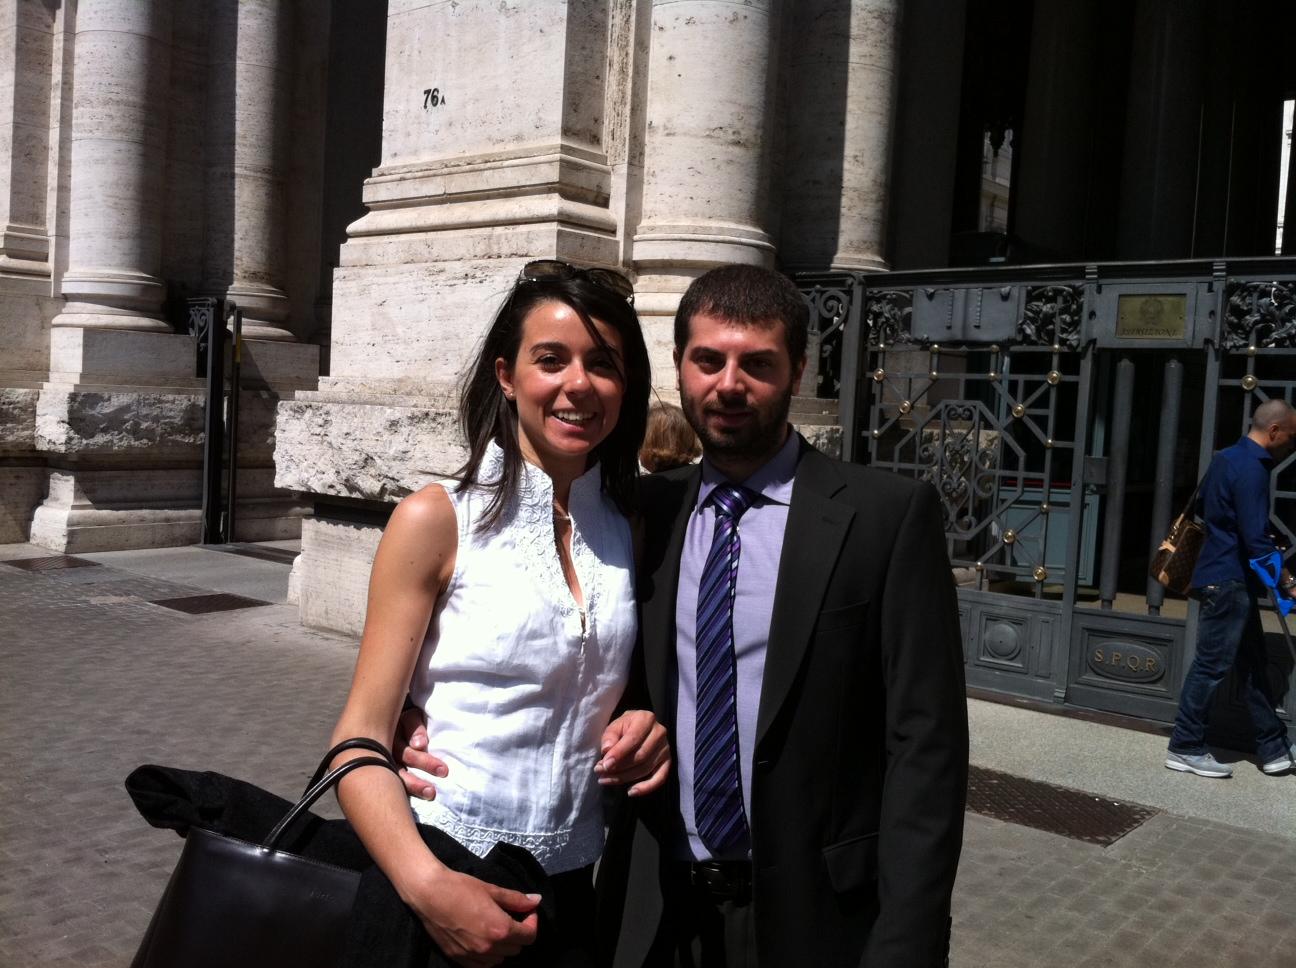 Debora Sarno e Luigi Galluccio, delegazione del gruppo di studenti di fronte al Miur